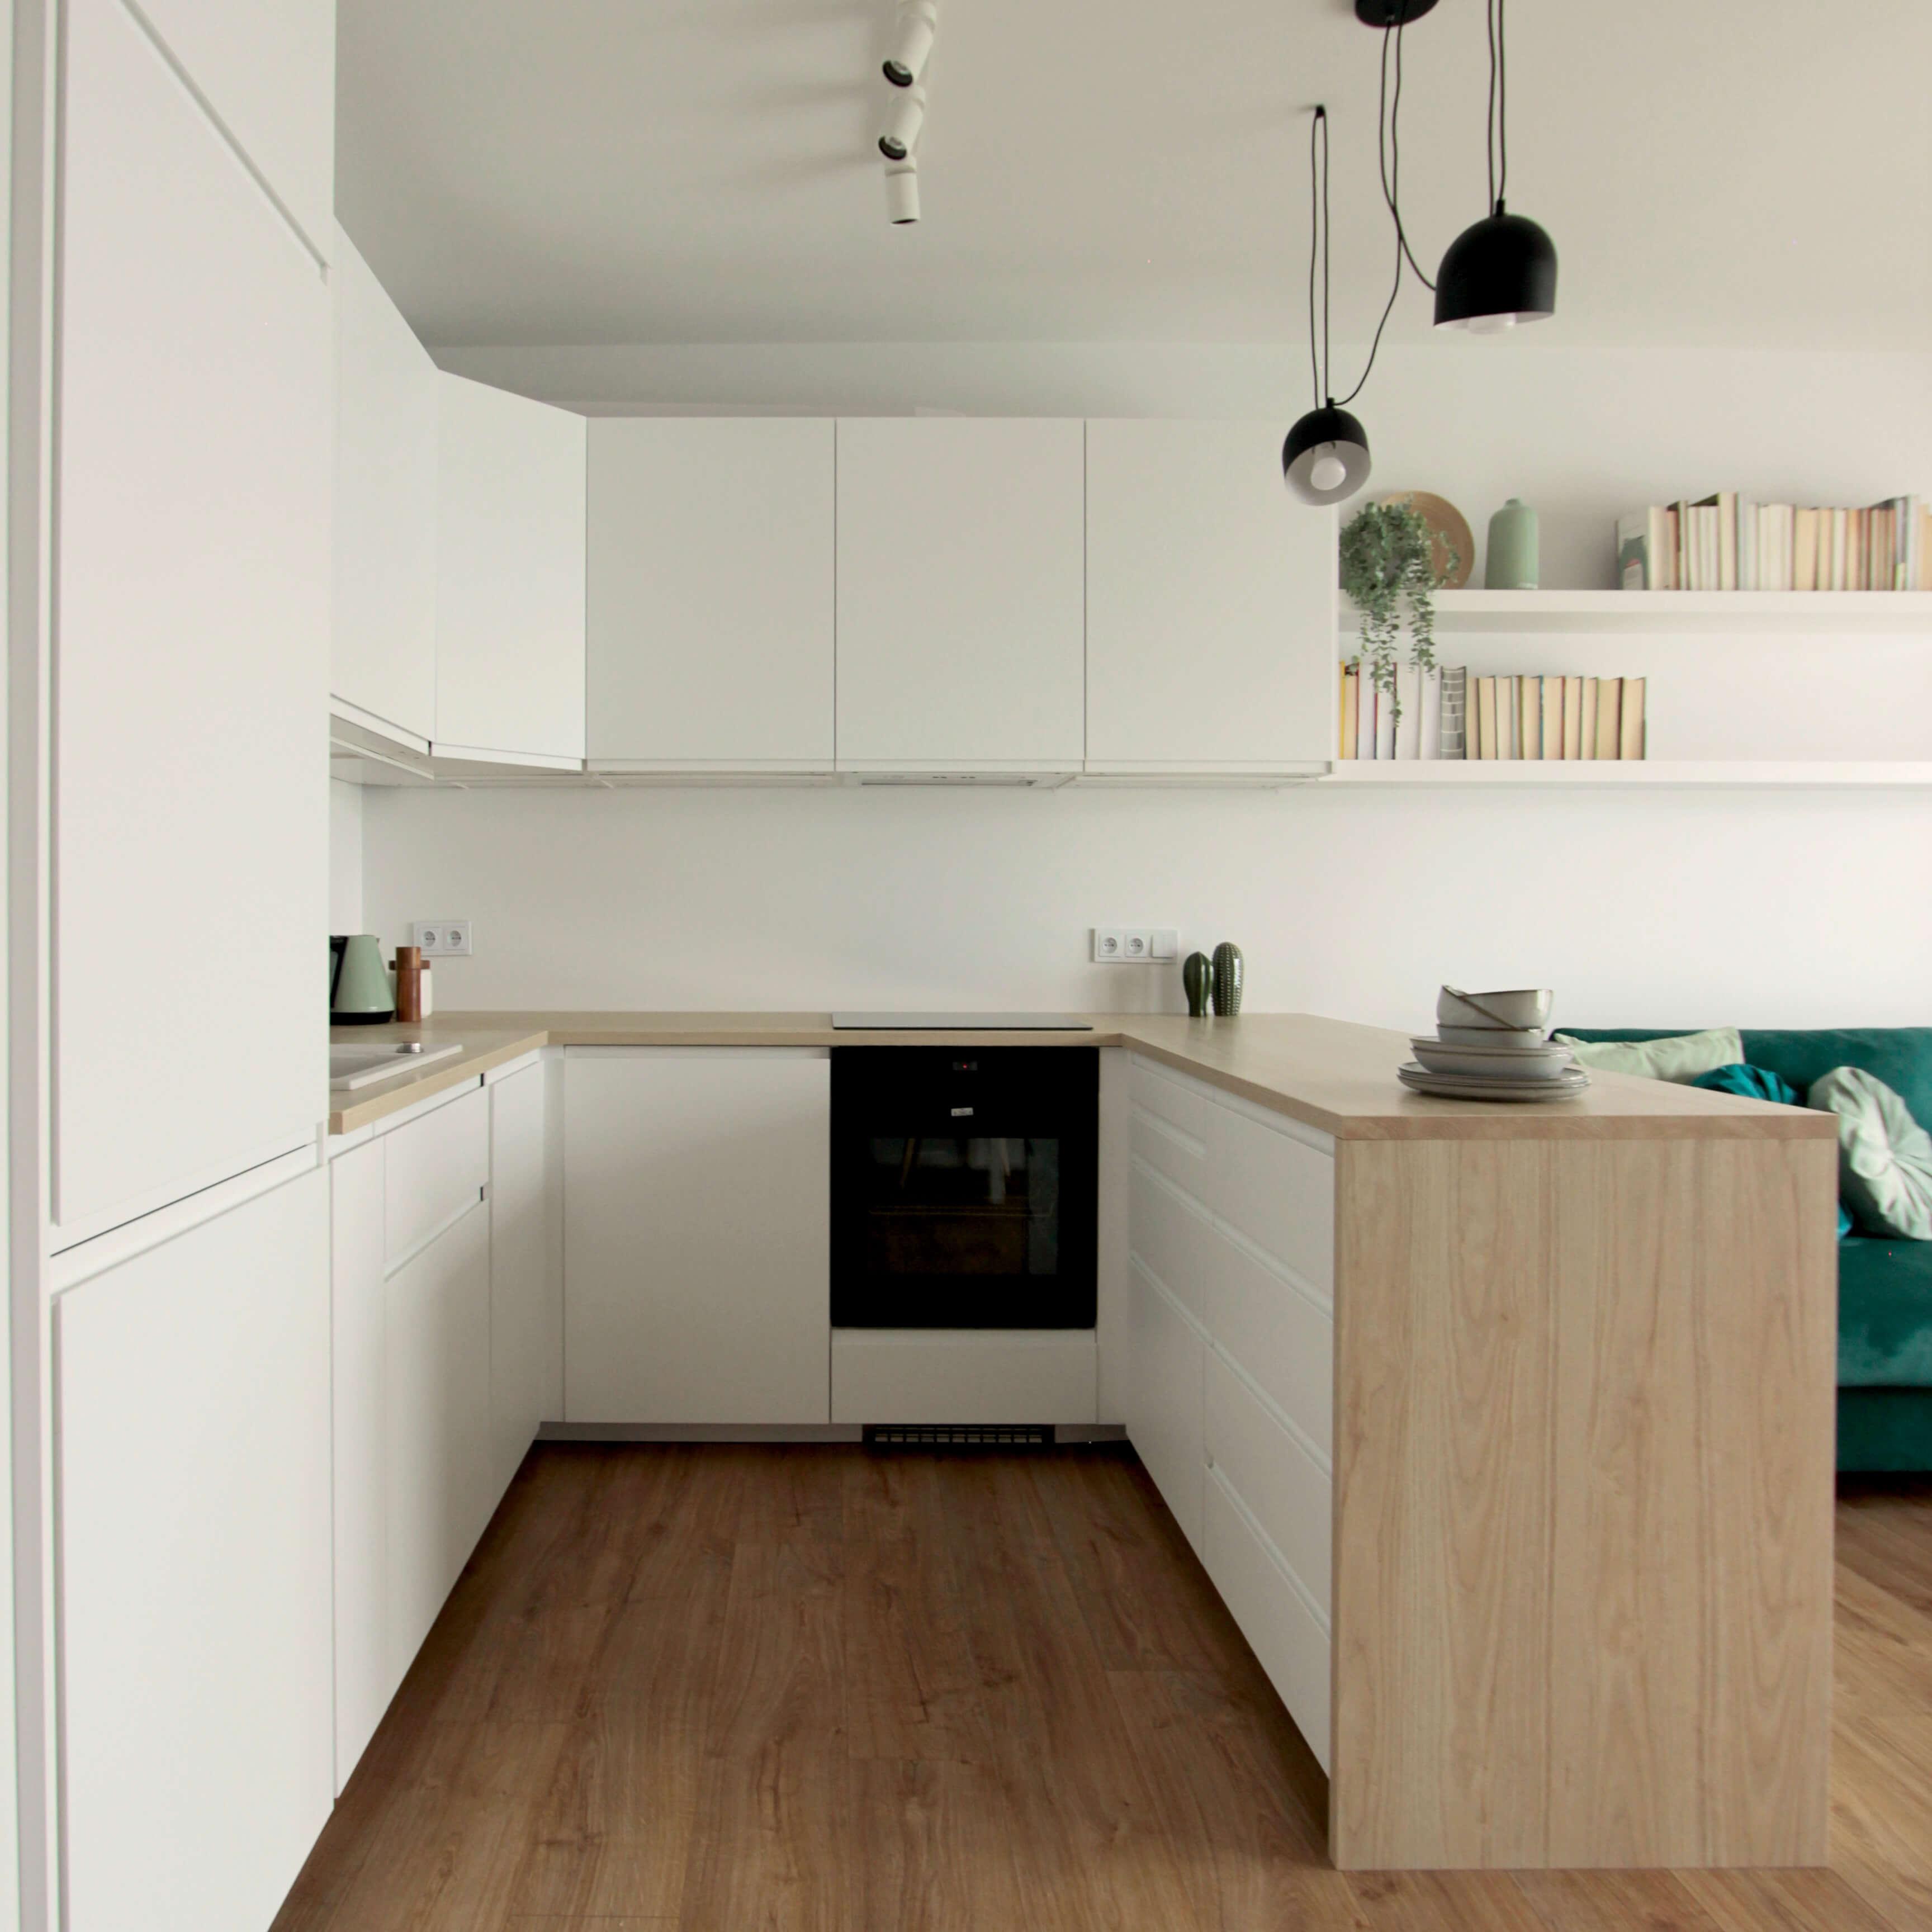 Projekt wnętrza mieszkania wraz z nadzorem nad realizacją. Aneks kuchenny w mieszkaniu 39 m2. Szafki kuchenne stają się znaczącym i widocznym elementem w strefie wypoczynkowej, dlatego warto zadbać o ich estetykę i spójność z resztą pomieszczenia. W tej kuchni zdecydowaliśmy się na fronty szafek bez uchwytów, żeby nie wprowadzać dodatkowych elementów do wnętrza.Z tego samego powodu wszystkie sprzęty AGD zostały zabudowane w szafkach. Dzięki temu kuchnia wygląda czysto i spokojnie.